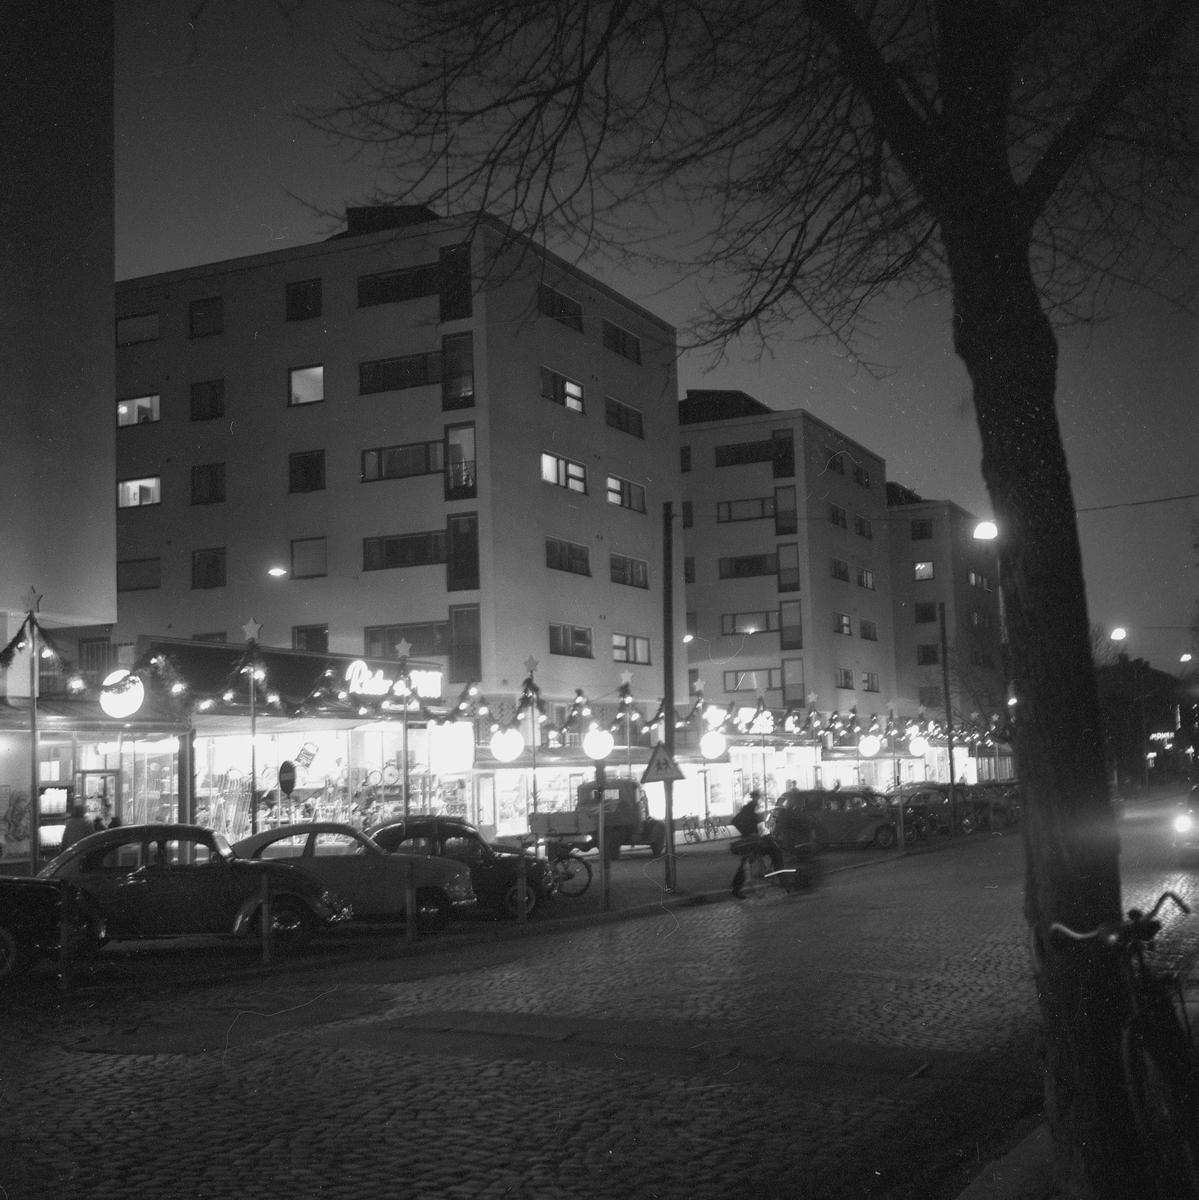 Julsidan, Södercity. 6 december 1958.